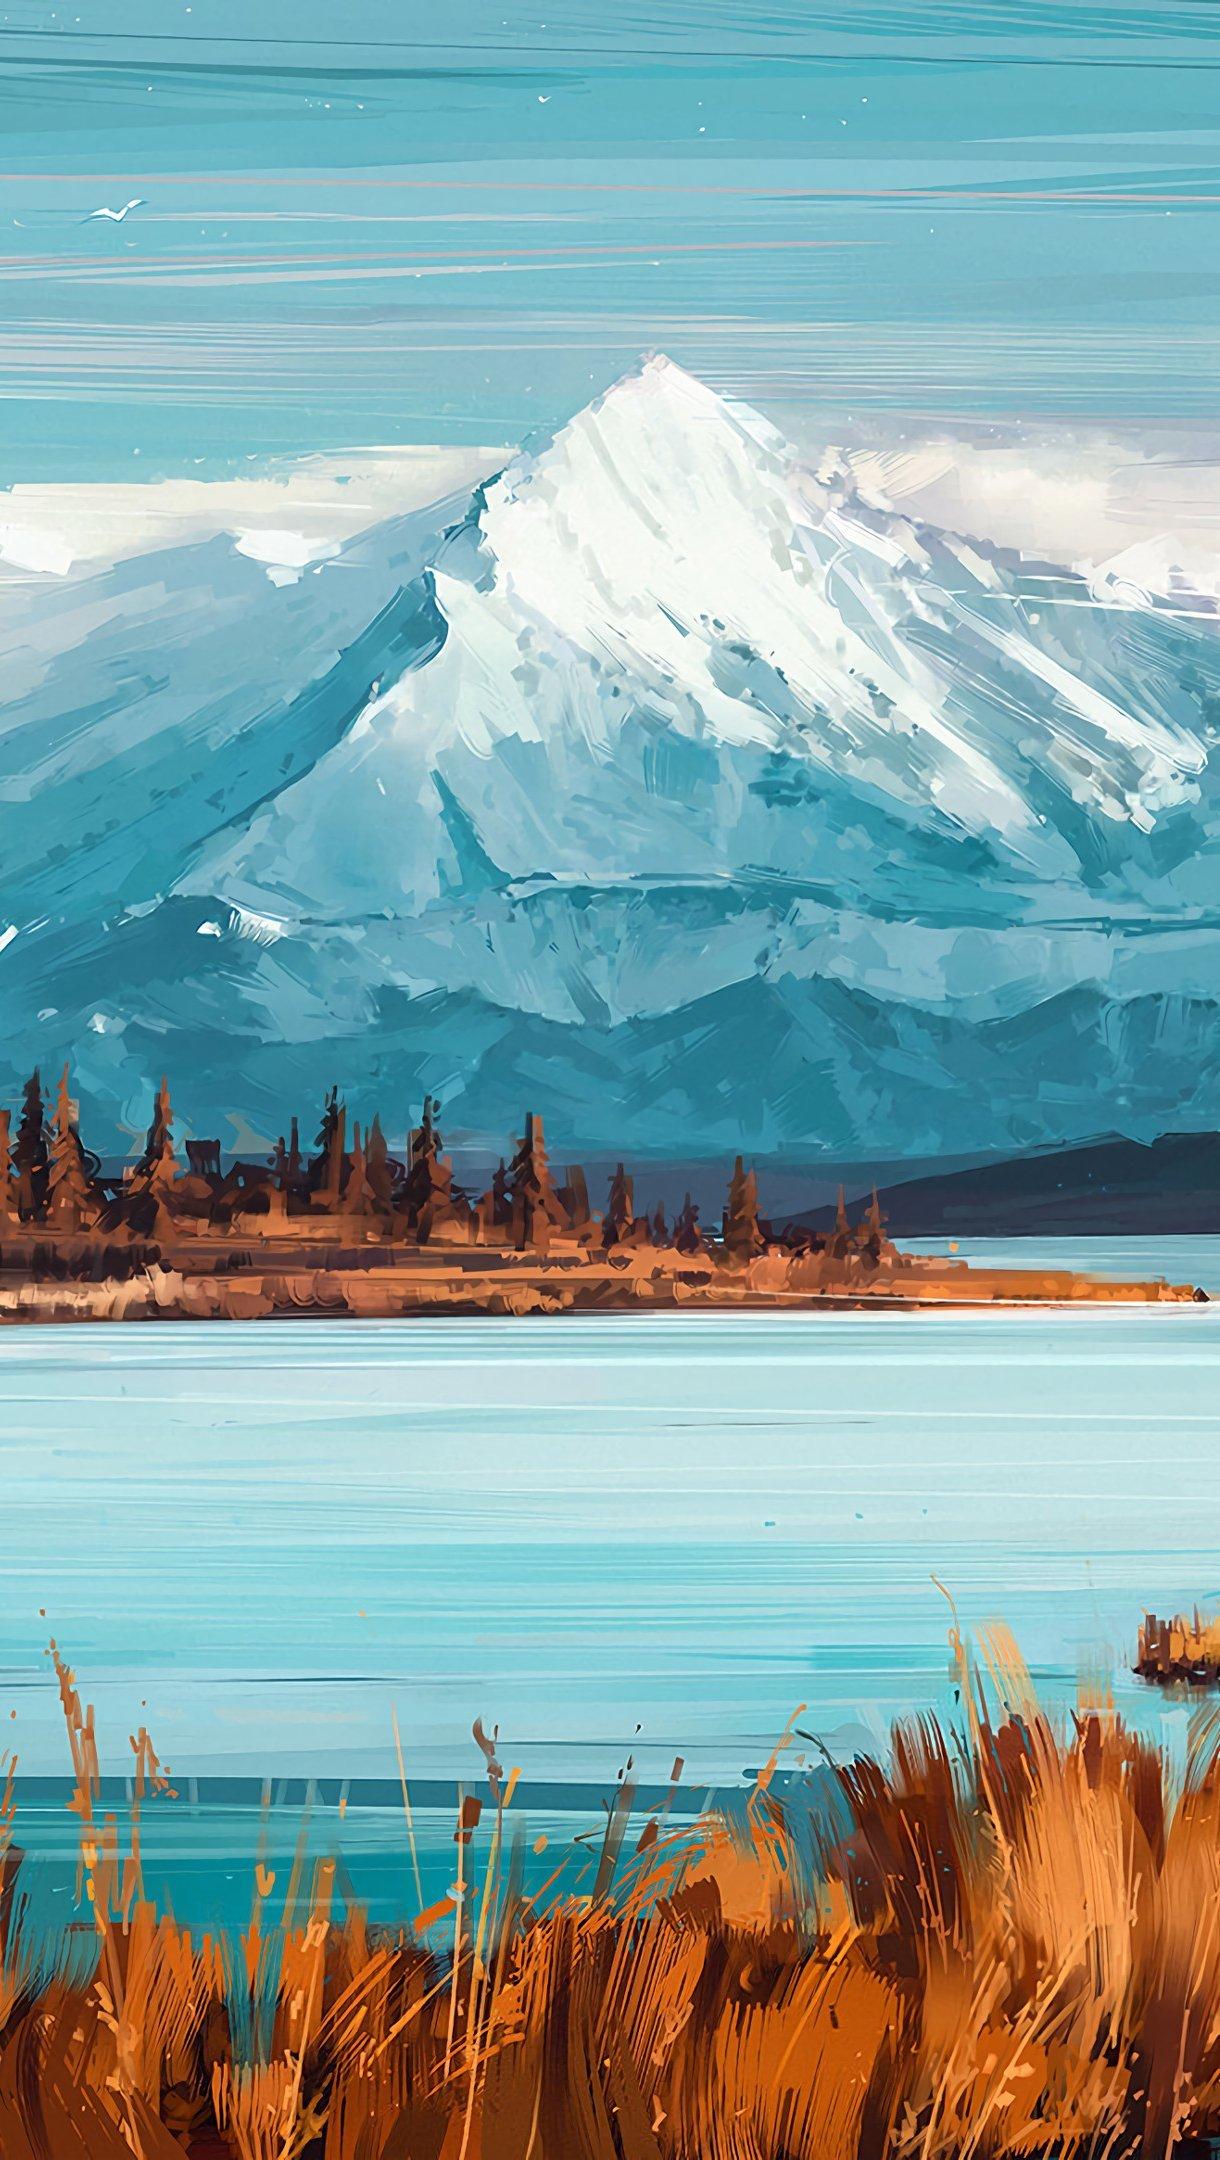 Fondos de pantalla Montañas y lago como arte digital Vertical